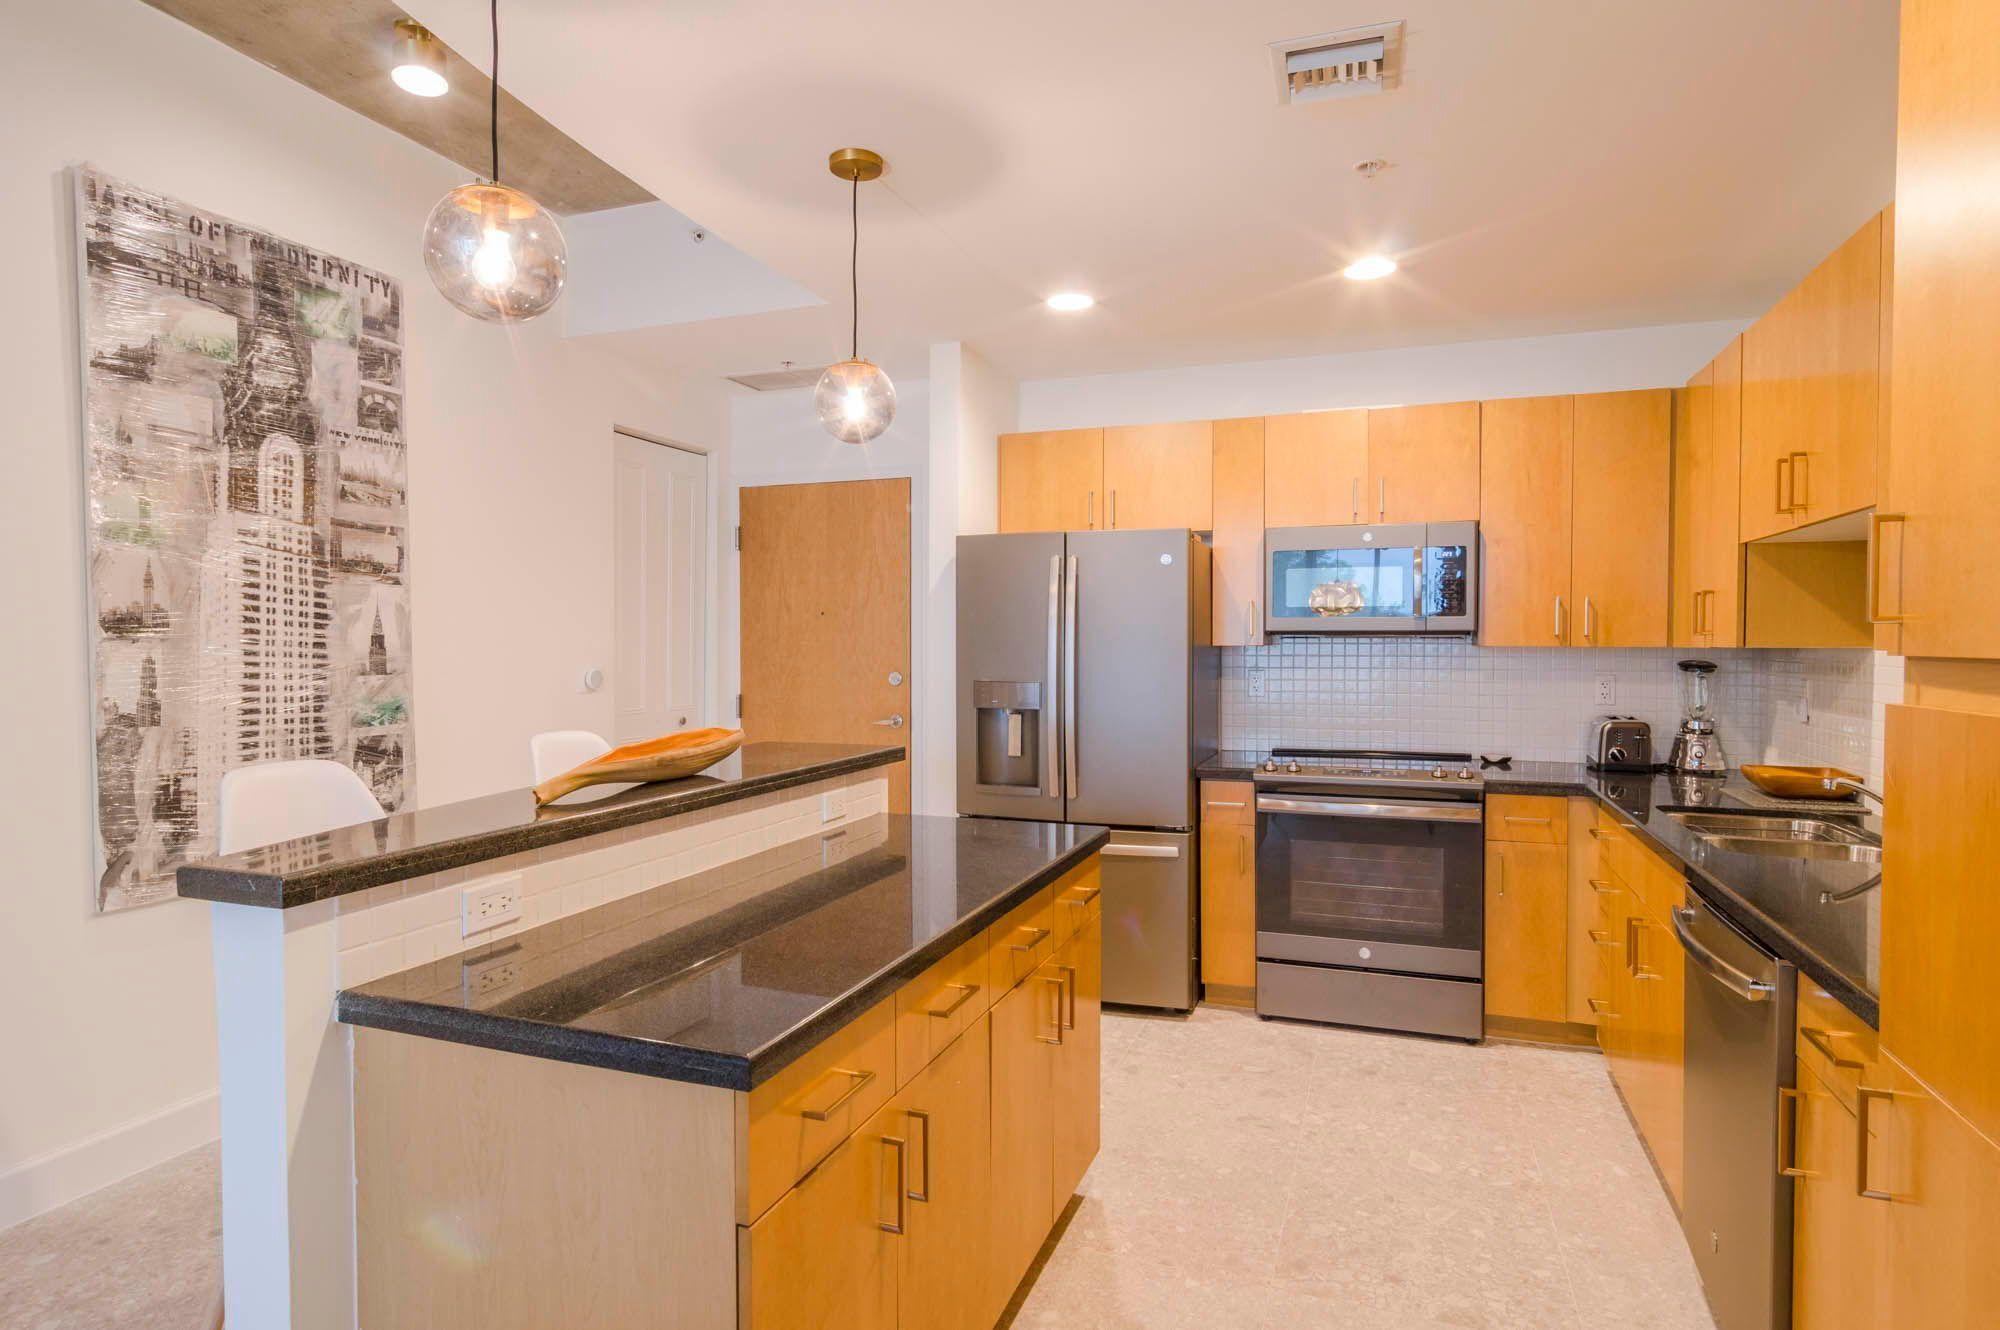 300 S Australian Avenue 210 West Palm Beach Fl Light Oak Cabinets Modern Light Fixtures West Palm Beach